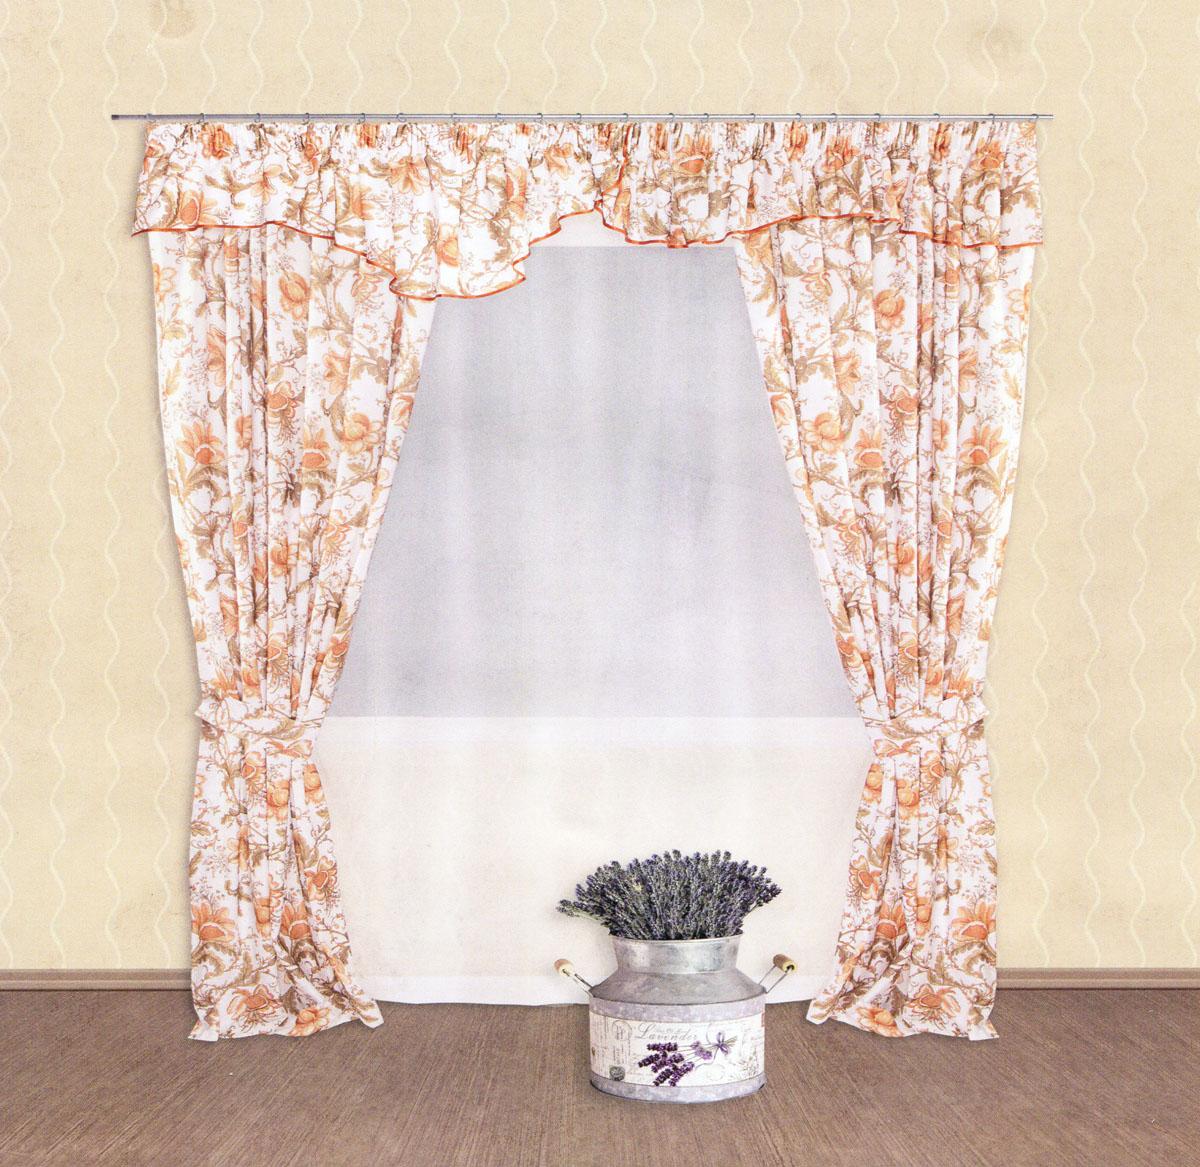 Комплект штор Zlata Korunka, на ленте, цвет: белый, светло-коричневый, высота 250 см. 5550155501Роскошный комплект штор Zlata Korunka, выполненный из сатина и вуали (100% полиэстера), великолепно украсит любое окно. Комплект состоит из двух портьер, ламбрекена, тюля и двух подхватов. Полупрозрачная ткань, цветочный принт и приятная, приглушенная гамма привлекут к себе внимание и органично впишутся в интерьер помещения. Комплект крепится на карниз при помощи шторной ленты, которая поможет красиво и равномерно задрапировать верх. Портьеры можно зафиксировать в одном положении с помощью двух подхватов. Этот комплект будет долгое время радовать вас и вашу семью! В комплект входит: Портьера: 2 шт. Размер (ШхВ): 140 см х 250 см. Ламбрекен: 1 шт. Размер (ШхВ): 400 см х 50 см.Тюль: 1 шт. Размер (ШхВ): 300 см х 250 см.Подхват: 2 шт. Размер (ШхВ): 60 см х 10 см.